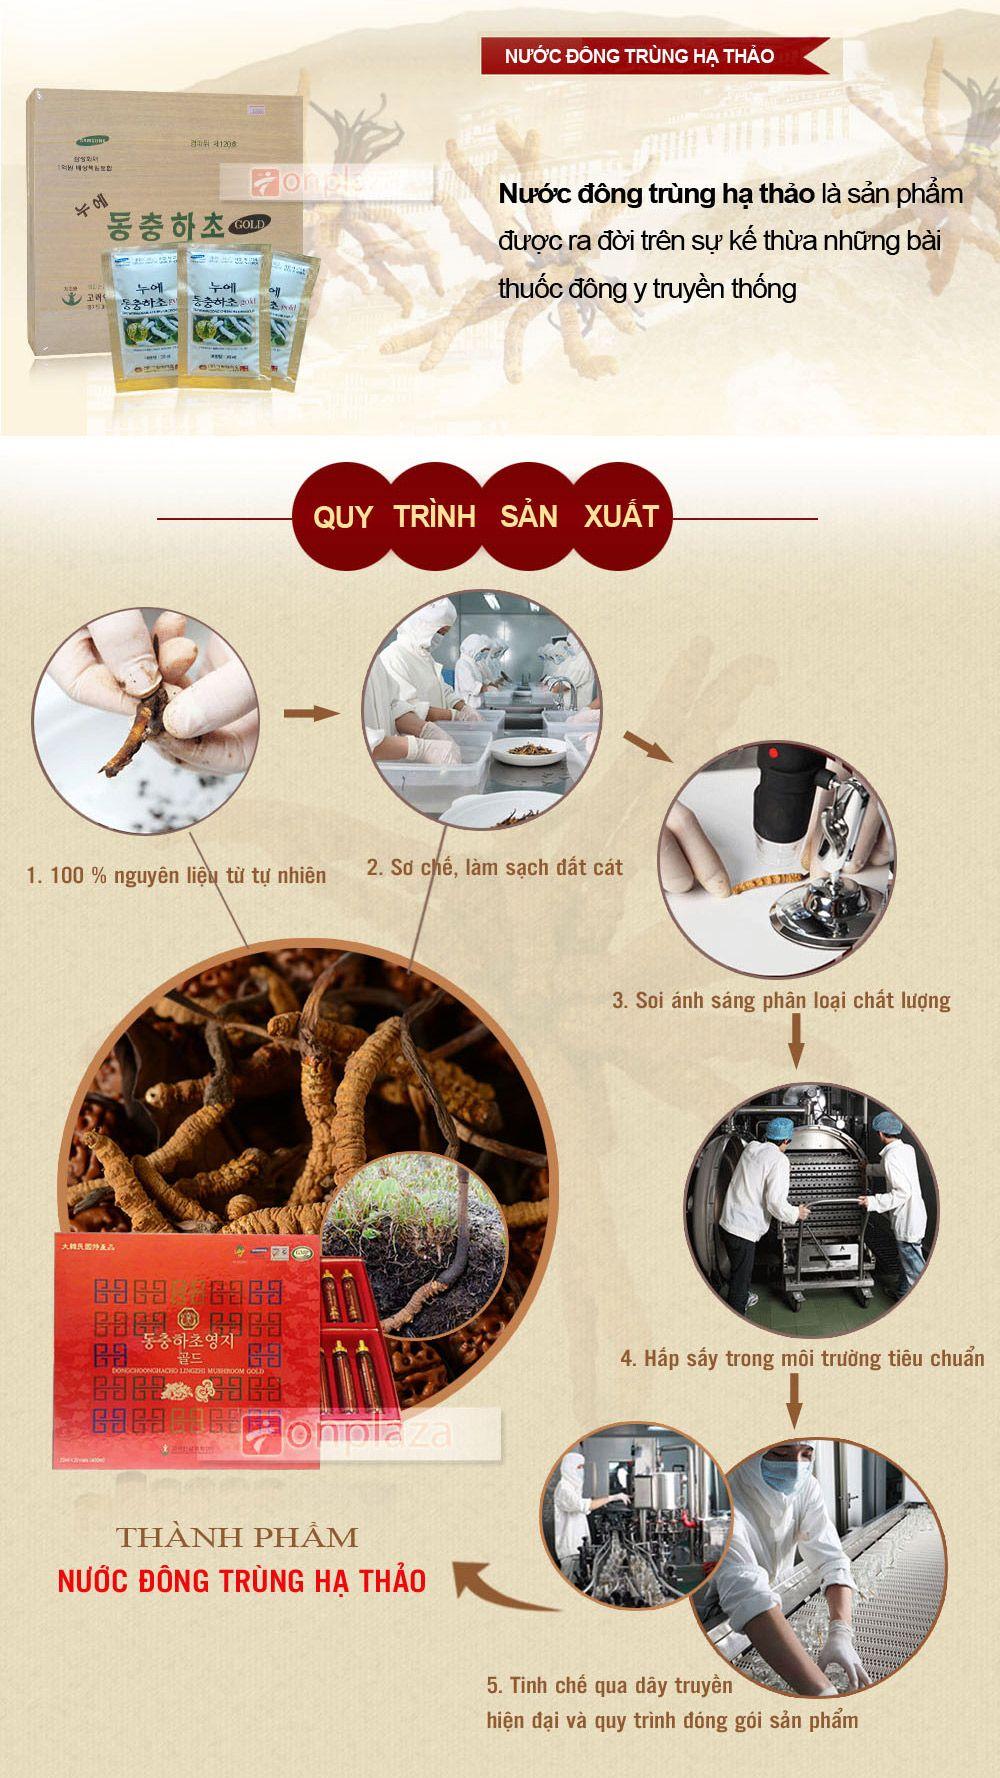 Quy trình sản xuất nước đông trùng hạ thảo